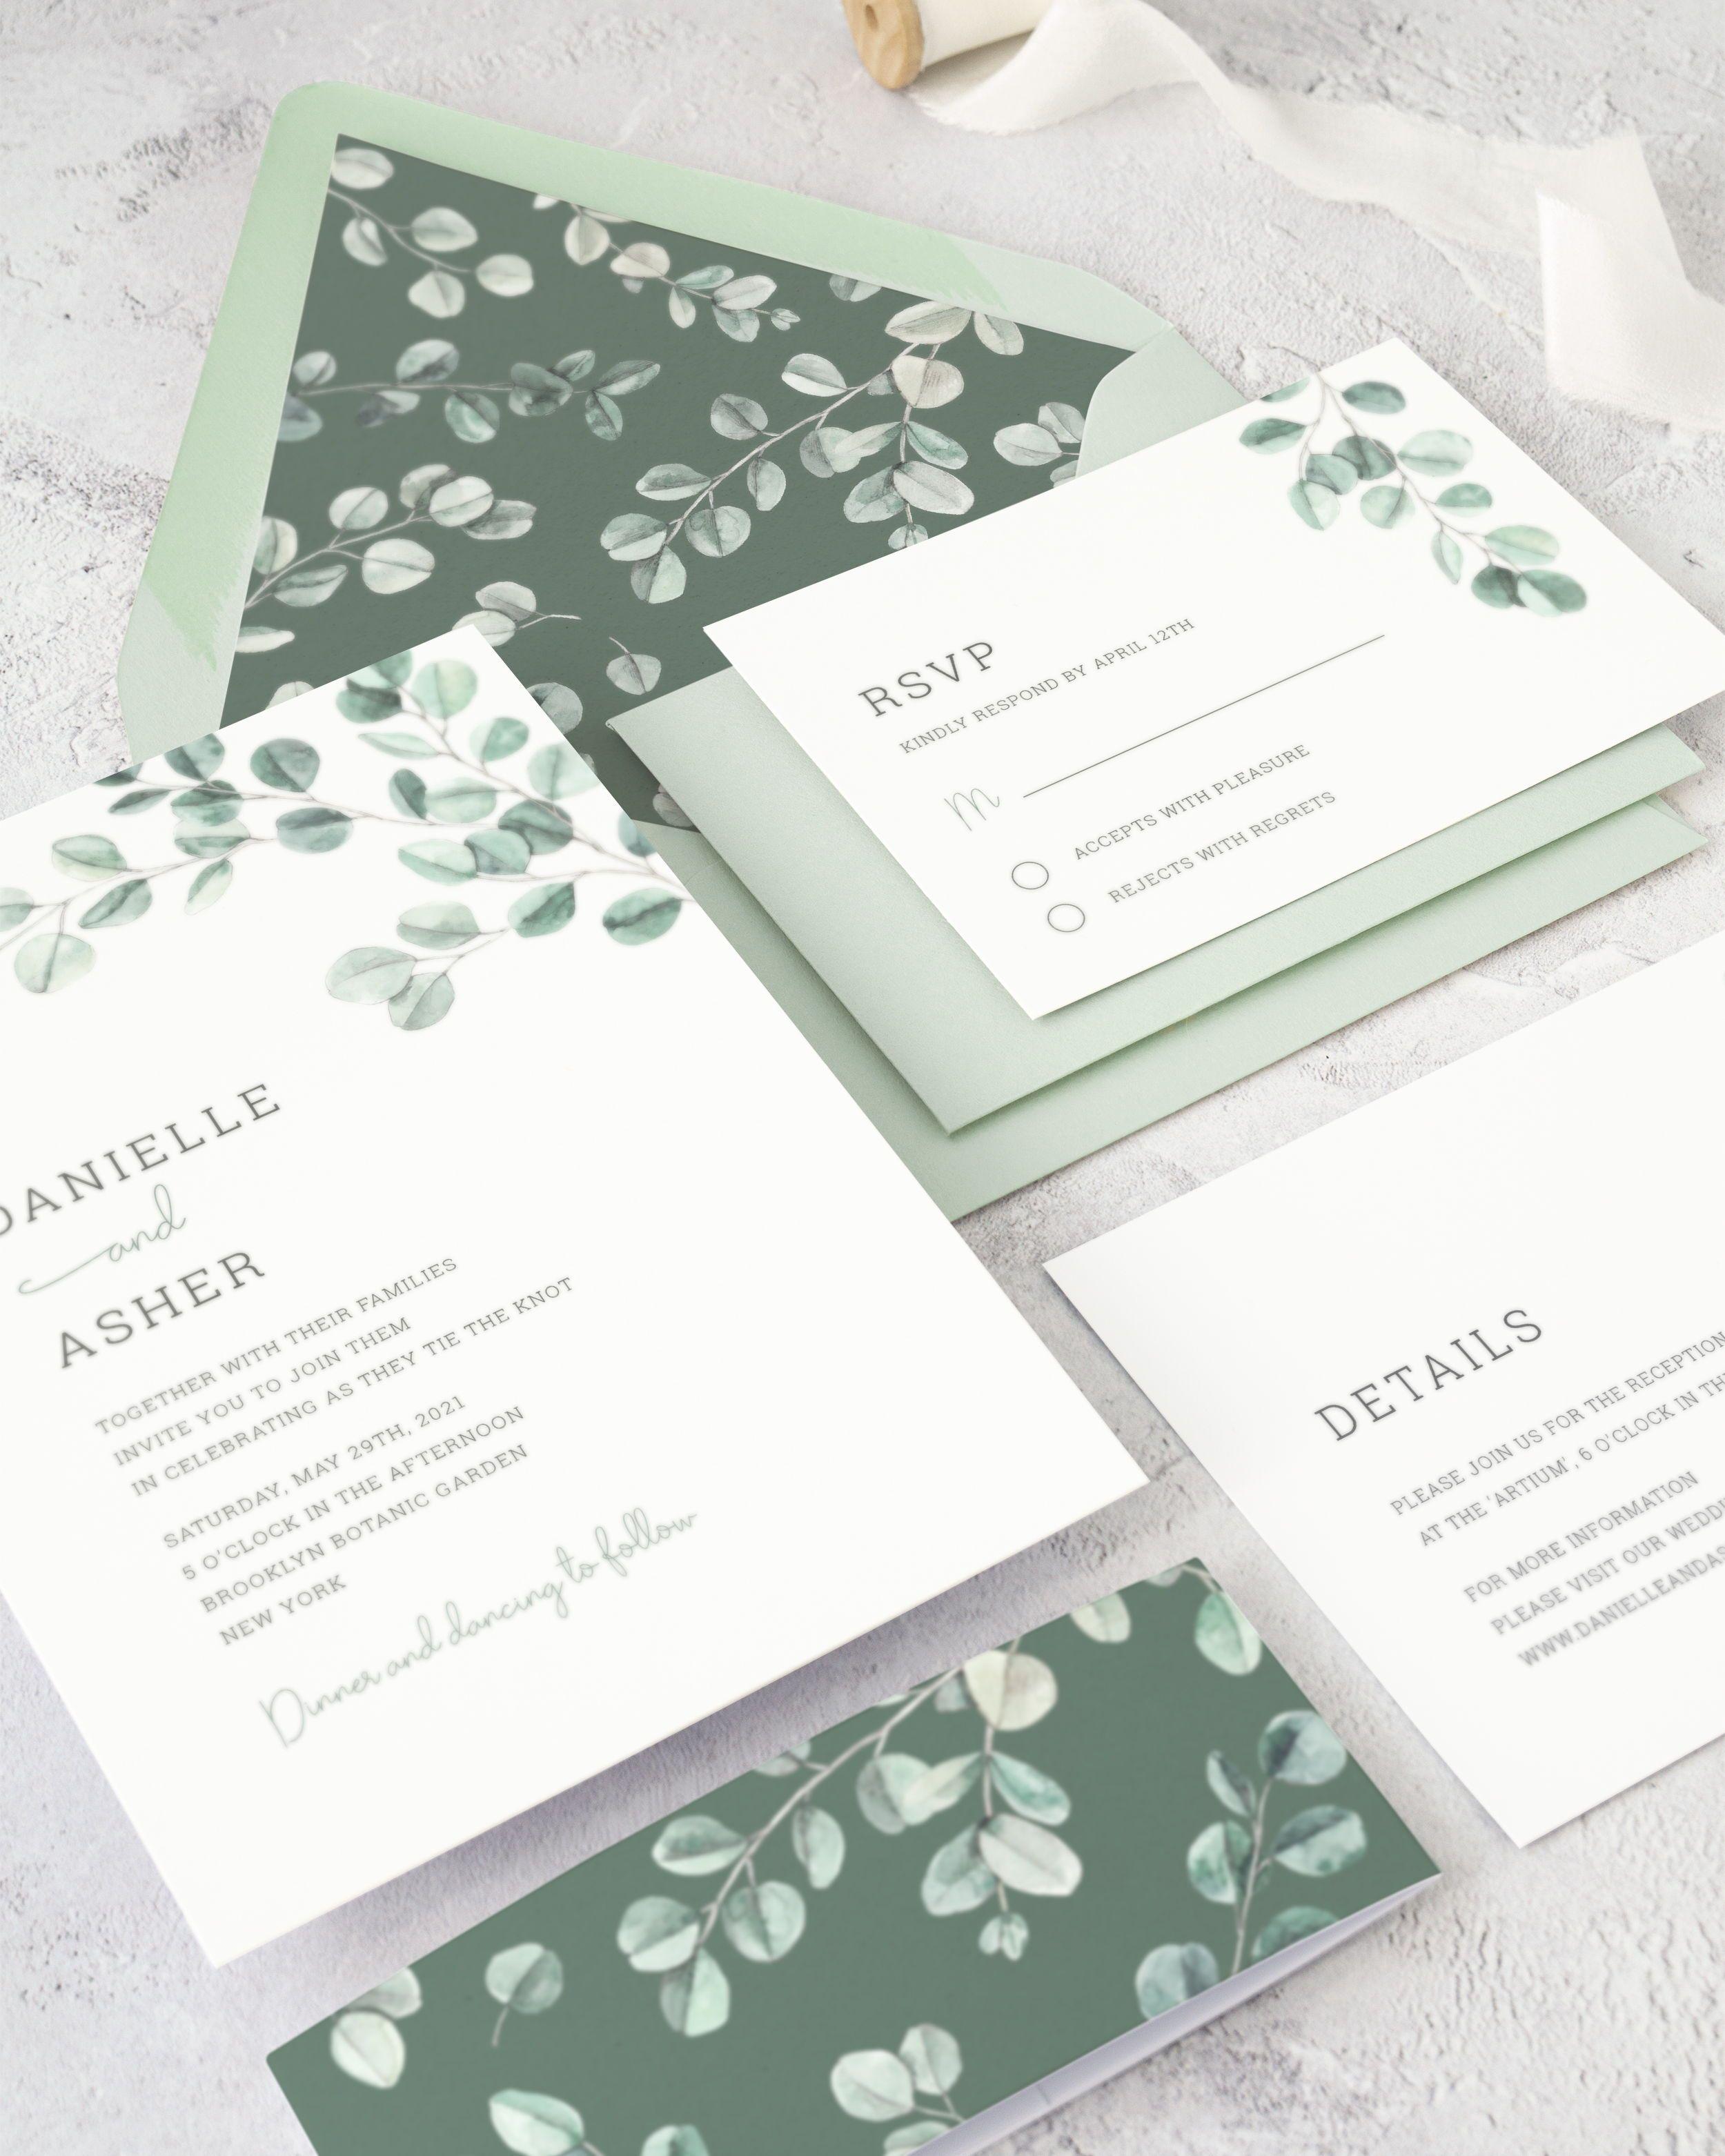 Eucalyptus Wedding Invitation Suite Watercolor Greenery Etsy In 2020 Wedding Invitations Eucalyptus Wedding Invitation Printable Wedding Invitations